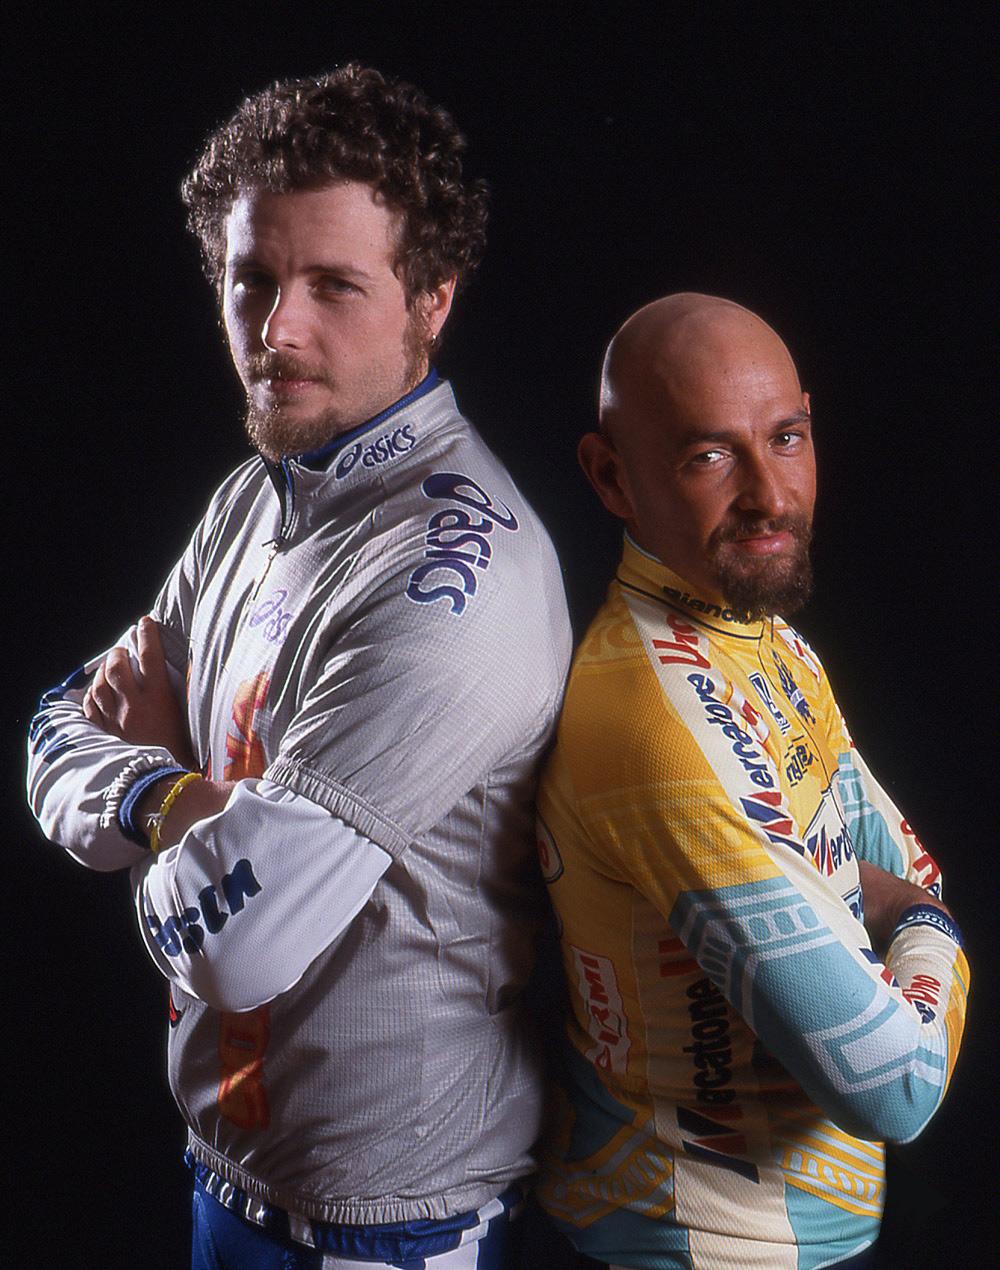 Lorenzo Jovanotti & Marco Pantani